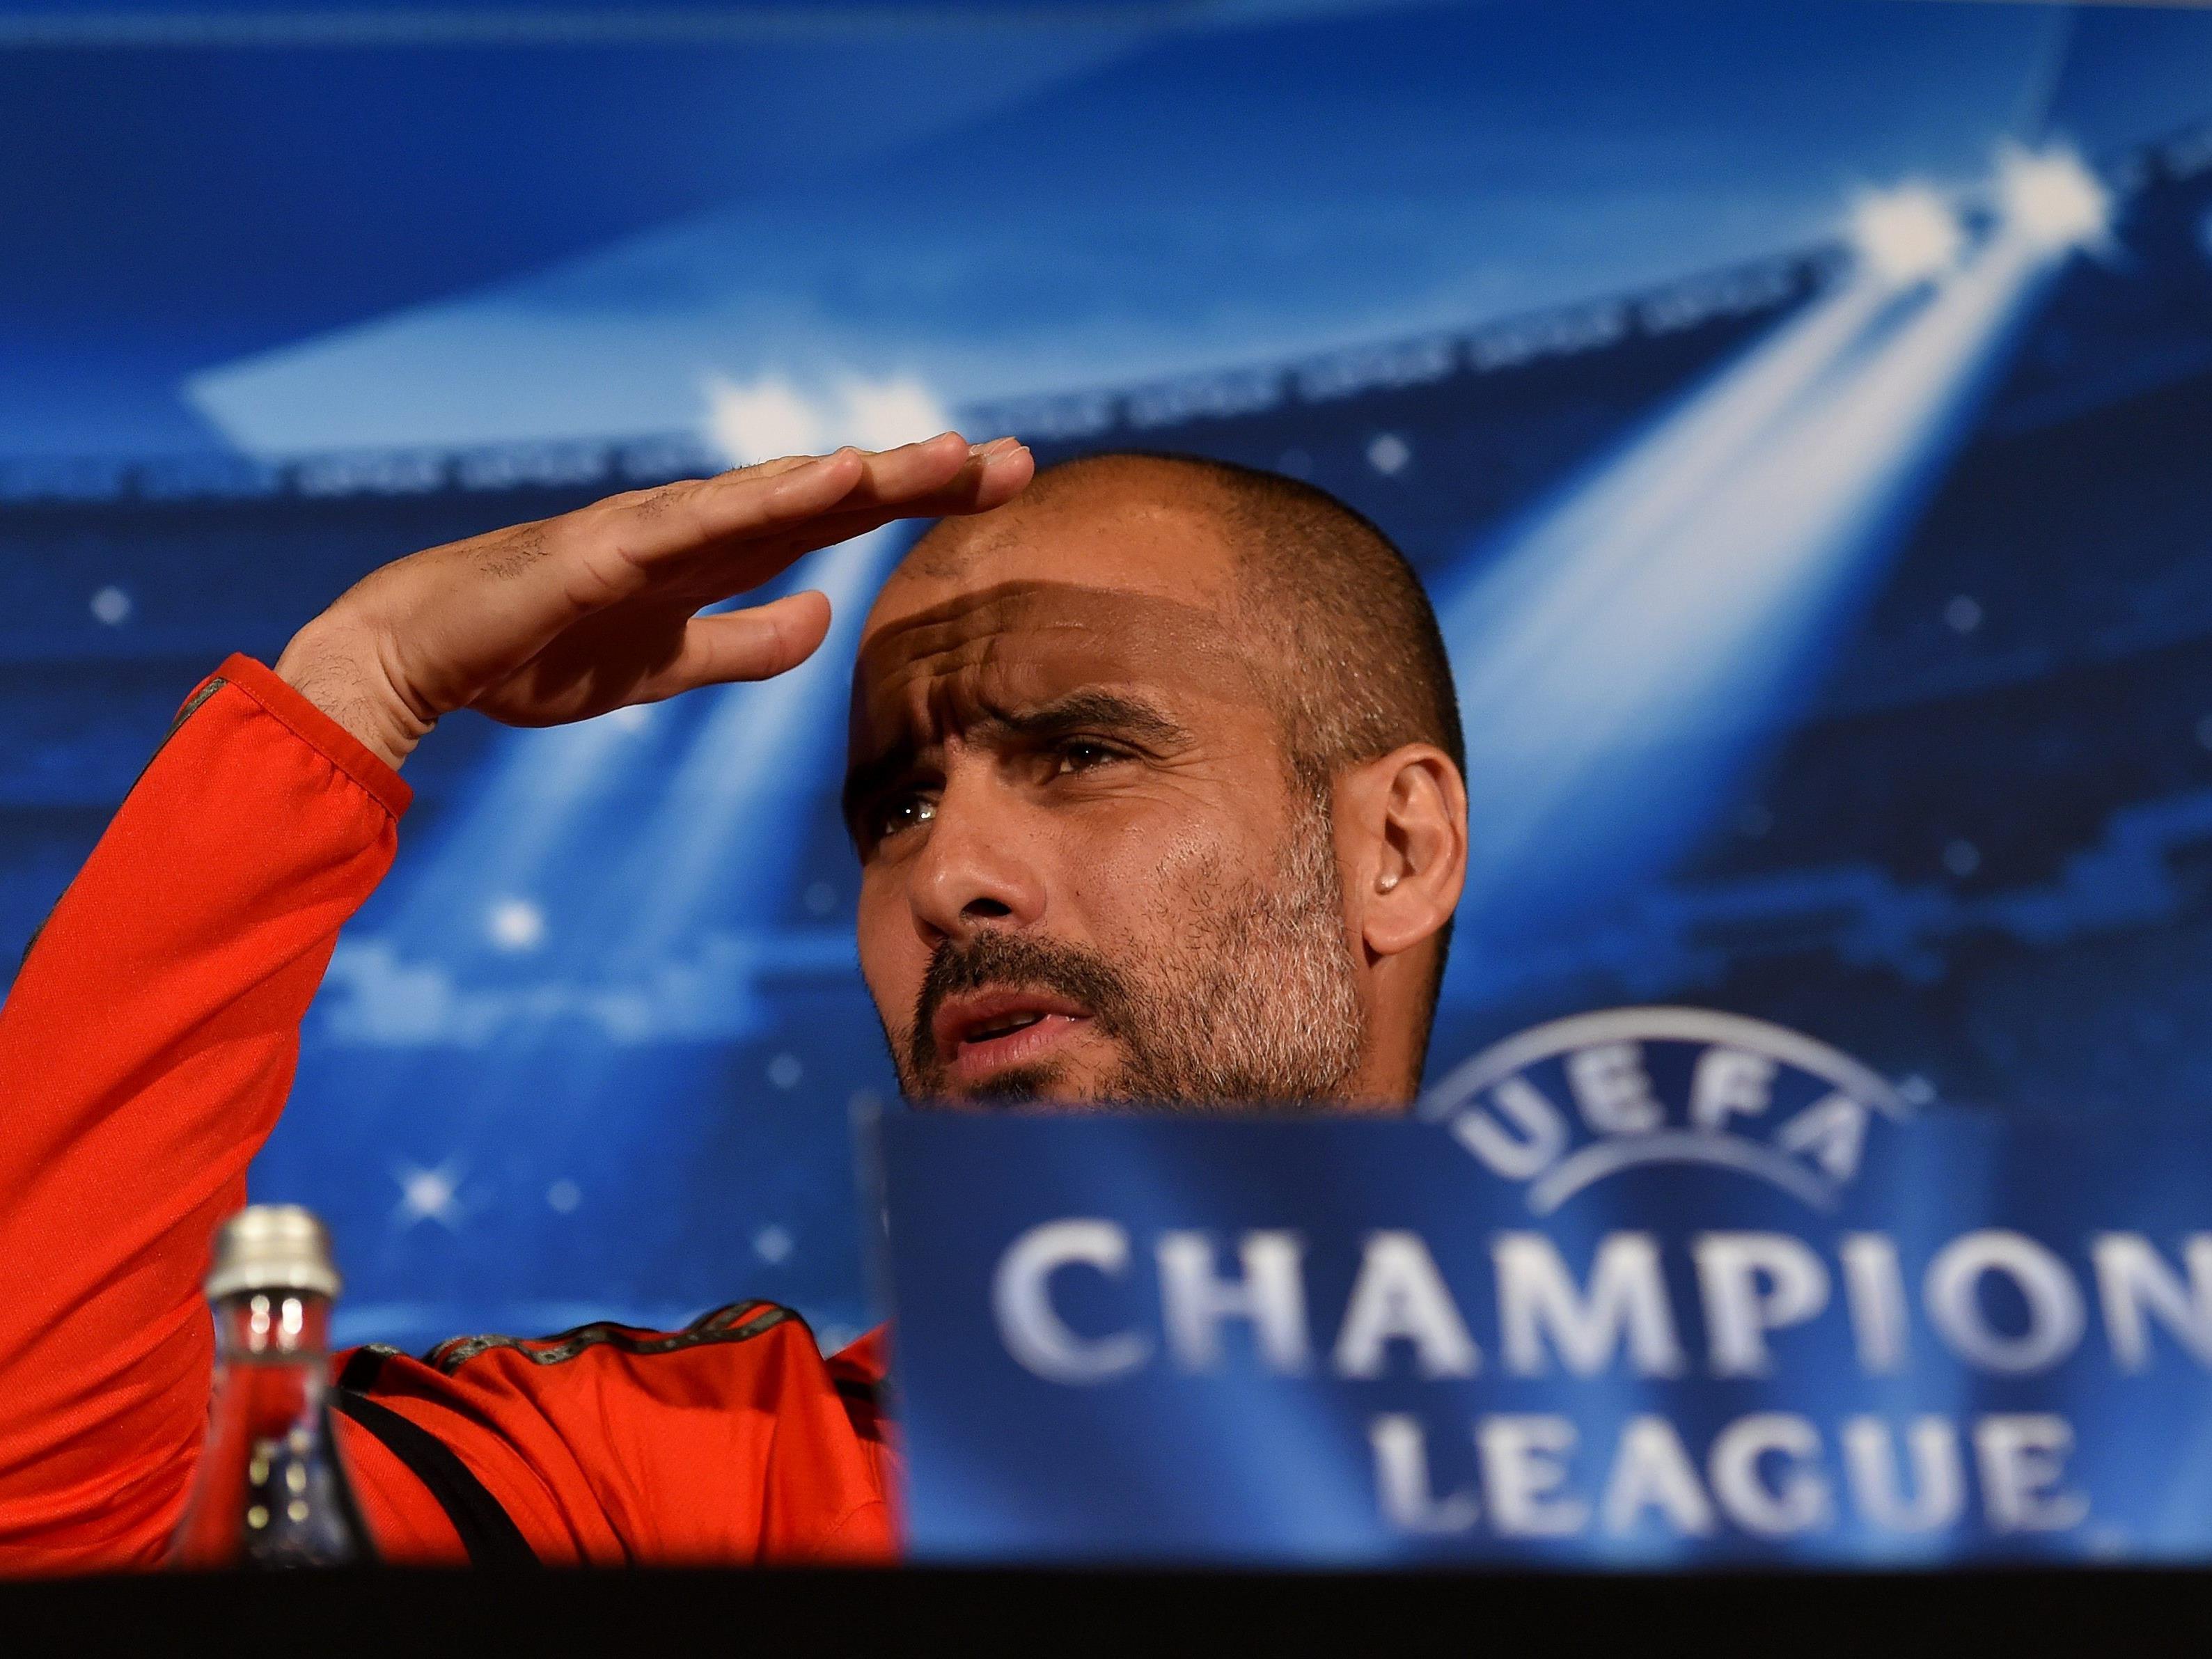 Auf zu neuen Ufern: Pep Guardiola zieht's nach Man City.